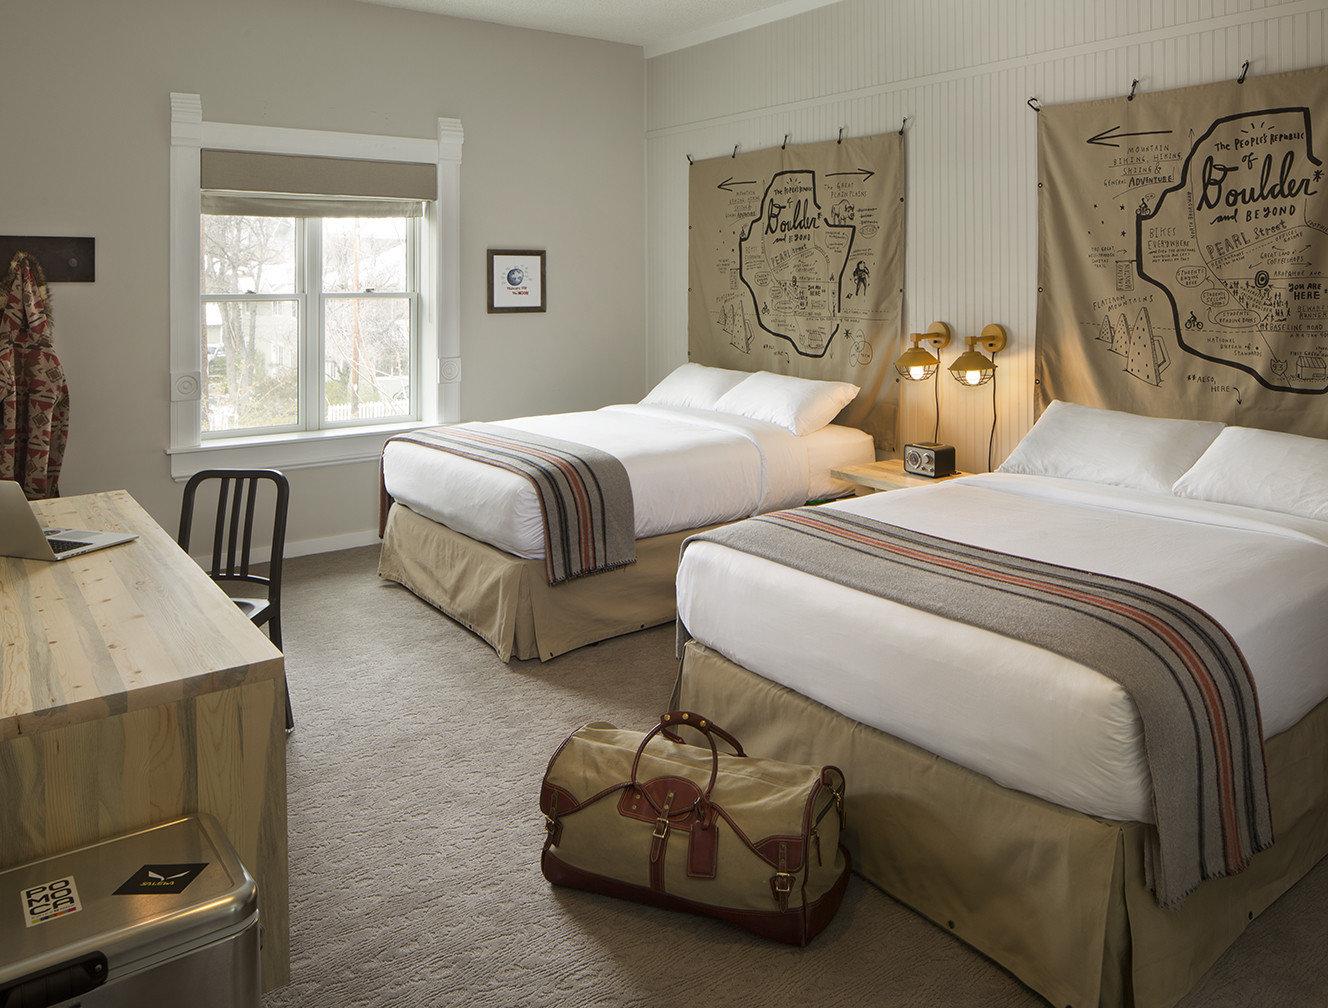 Bedroom property Suite bed frame home cottage bed sheet